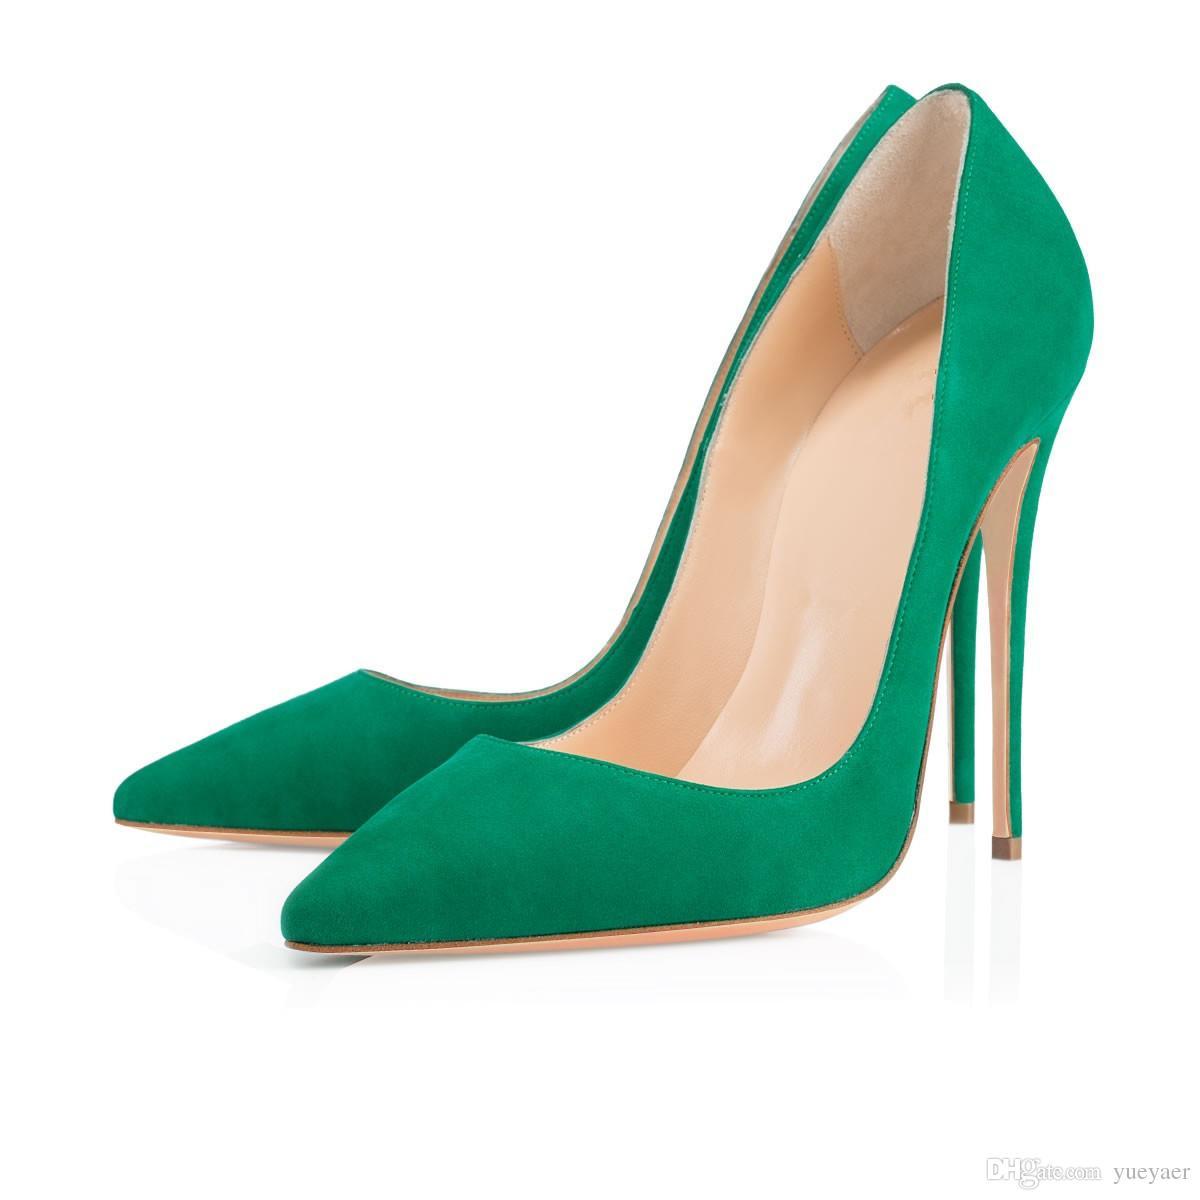 Zandina Bayanlar El Yapımı Moda ASO-kate 120mm Sivri Burun Klasik Parti Ince Topuk Pompaları Stiletto Ayakkabı Parlatıcı Yeşil